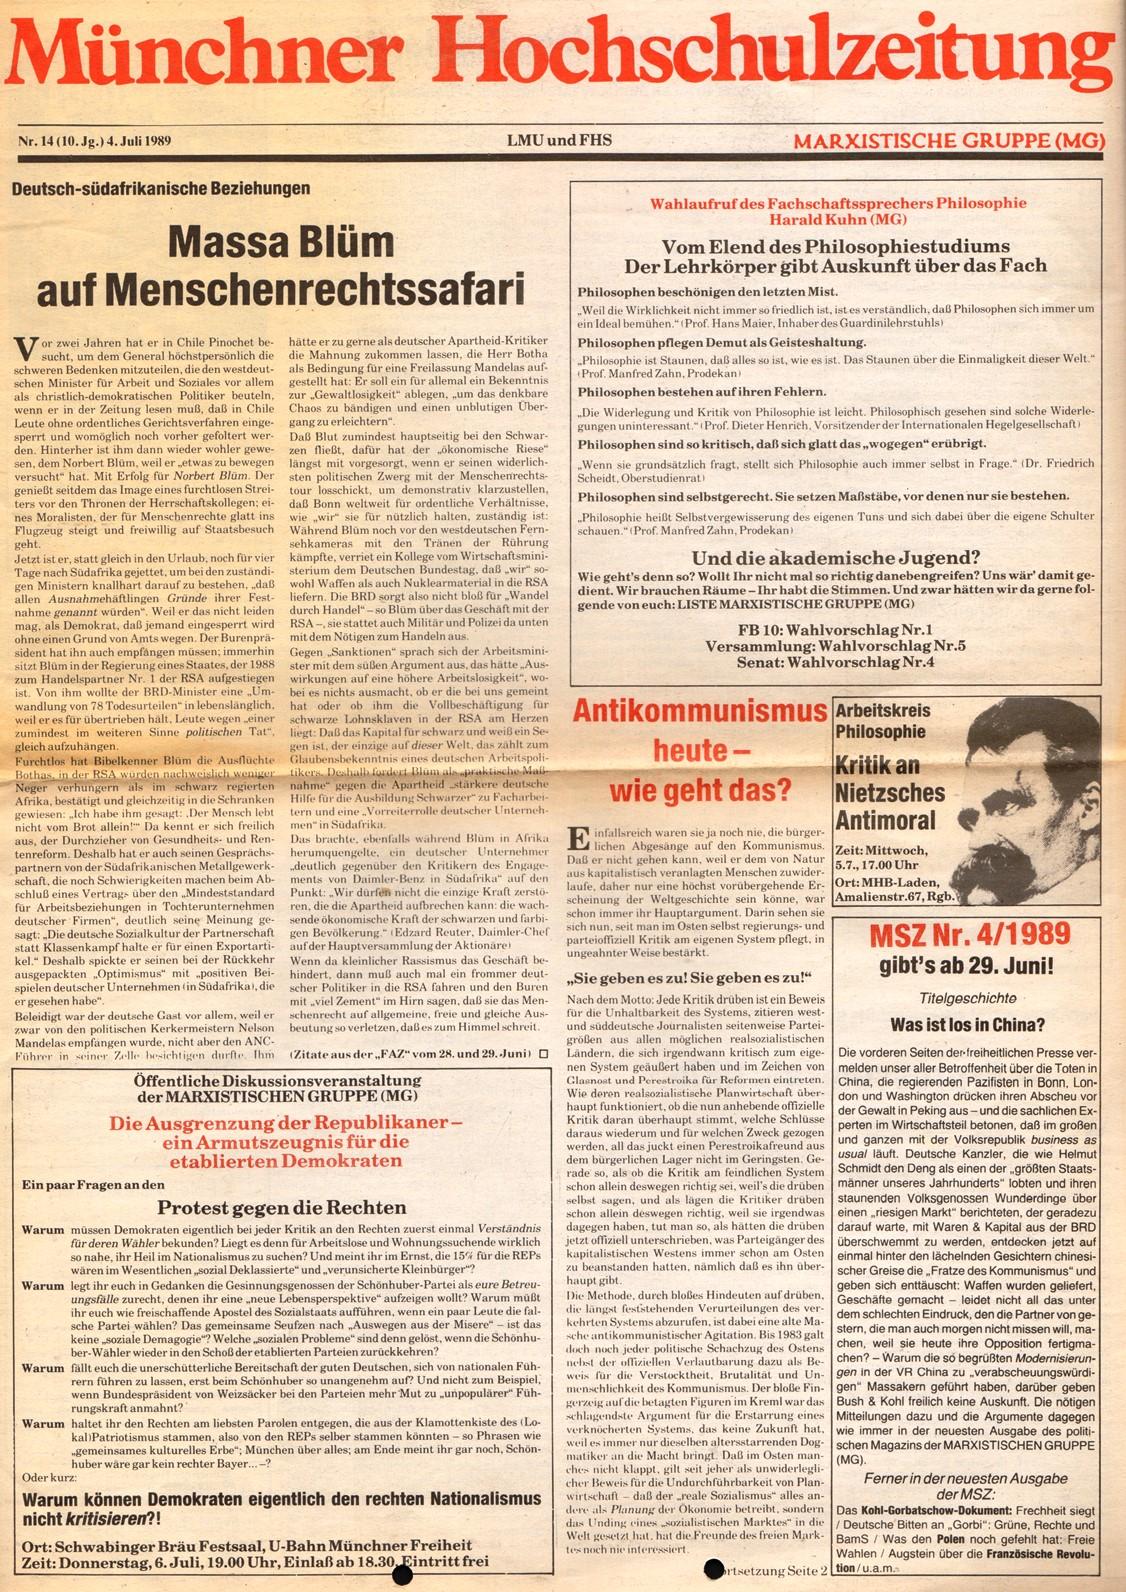 Muenchen_MG_Hochschulzeitung_19890704_01